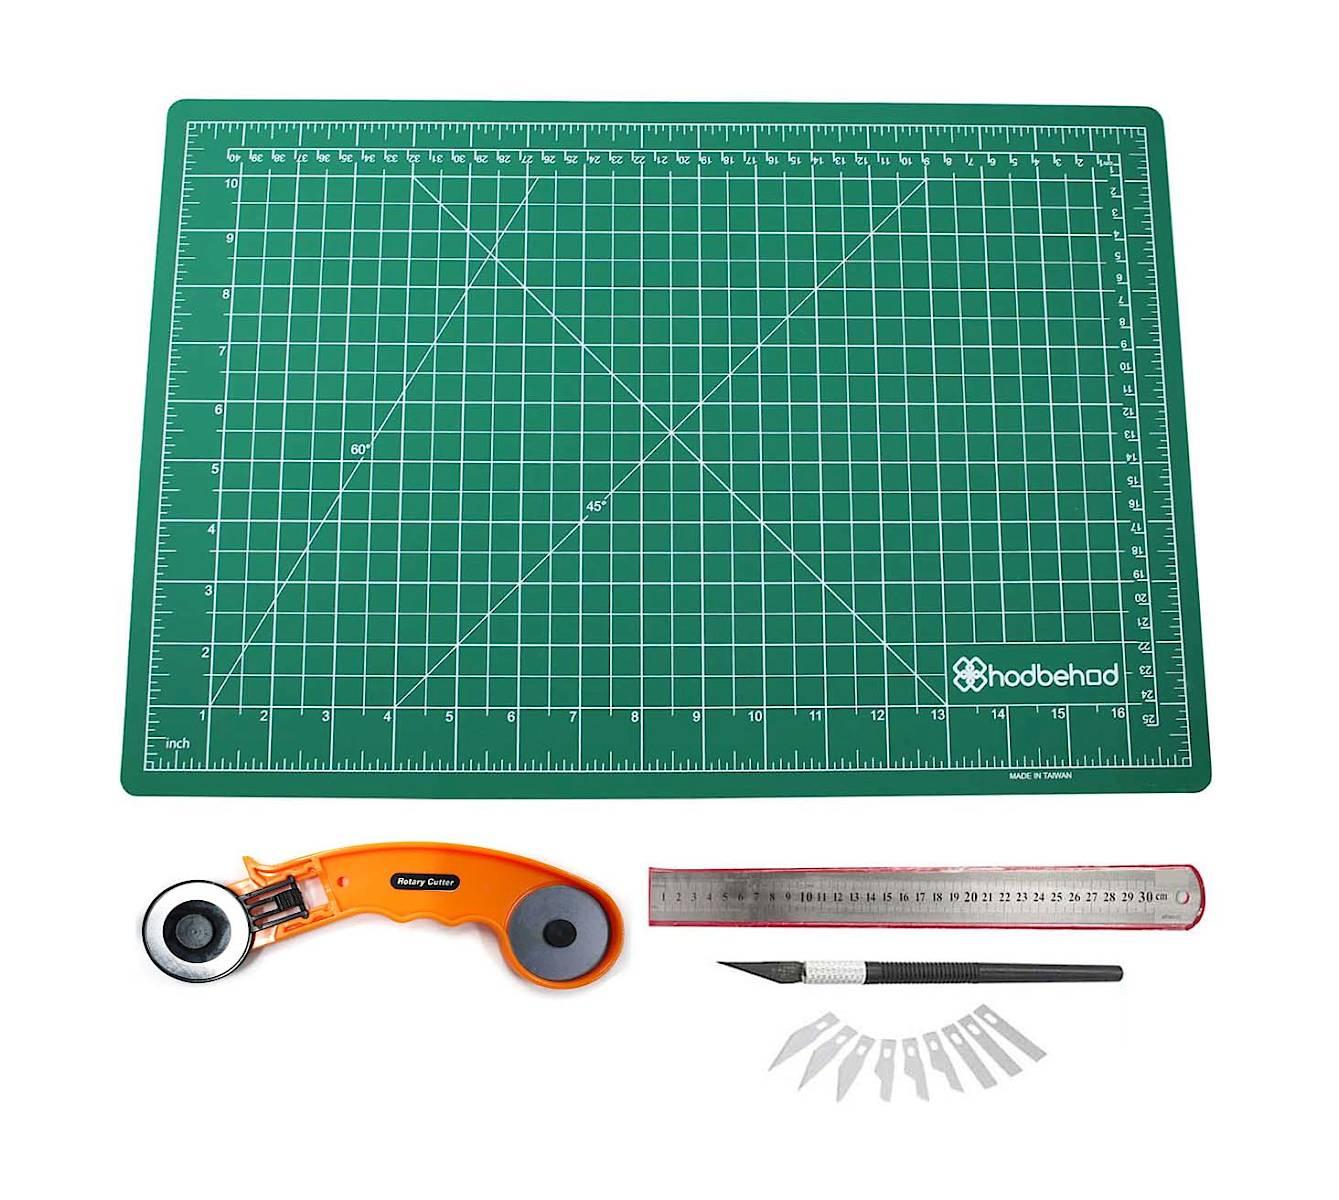 A2 60x45cm Çift Taraflý Kesim Altlýðý Hobi Cutting Mat Set